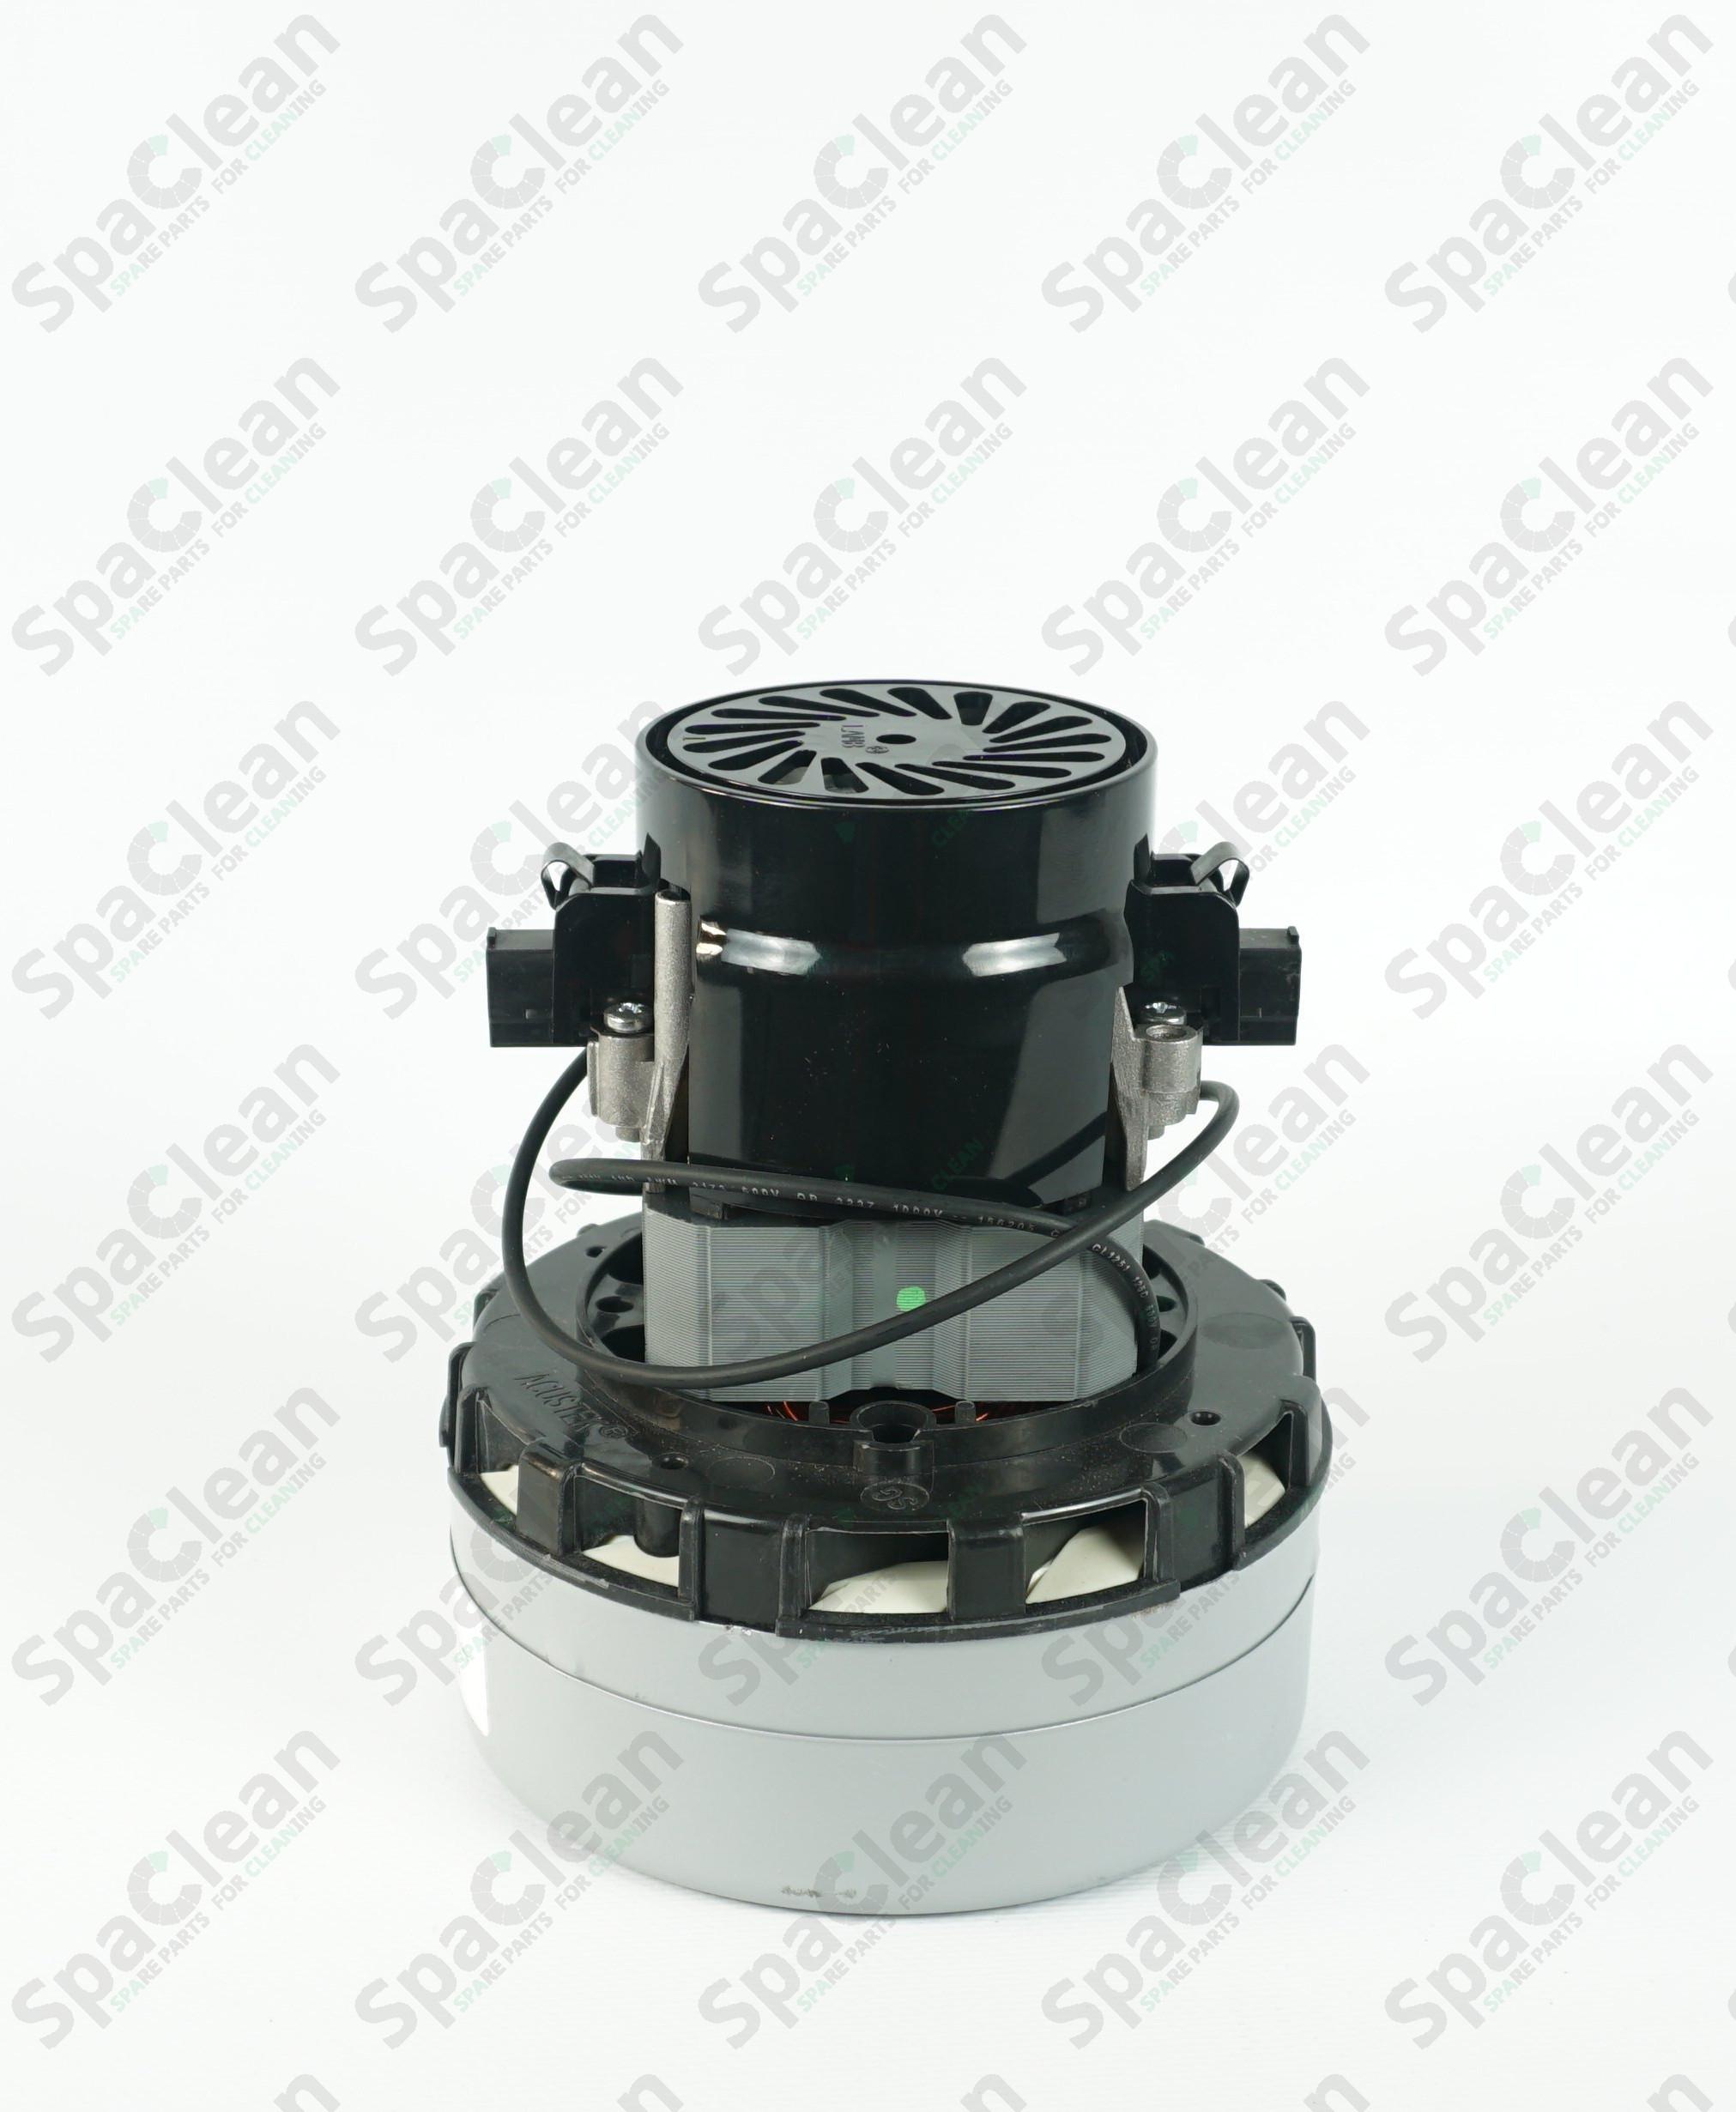 Вакуумный мотор 24V 420W Двухстадийный для Taski Swingo 1650